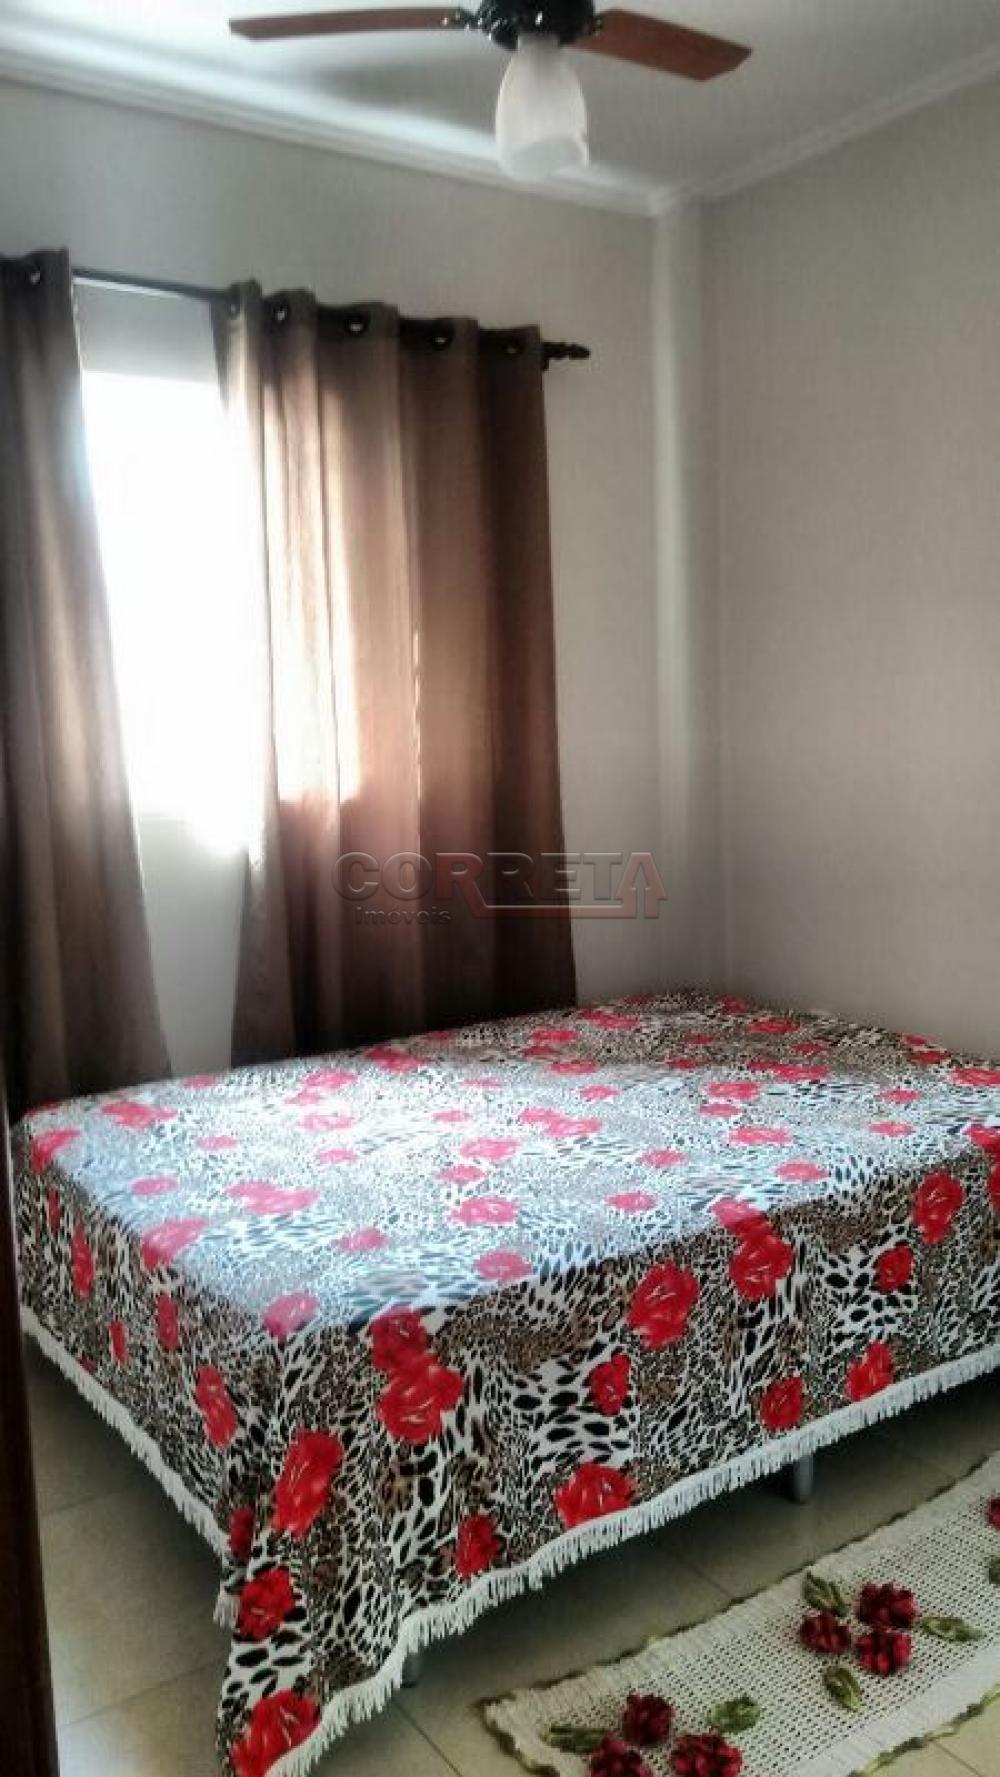 Comprar Apartamento / Padrão em Araçatuba apenas R$ 215.000,00 - Foto 7